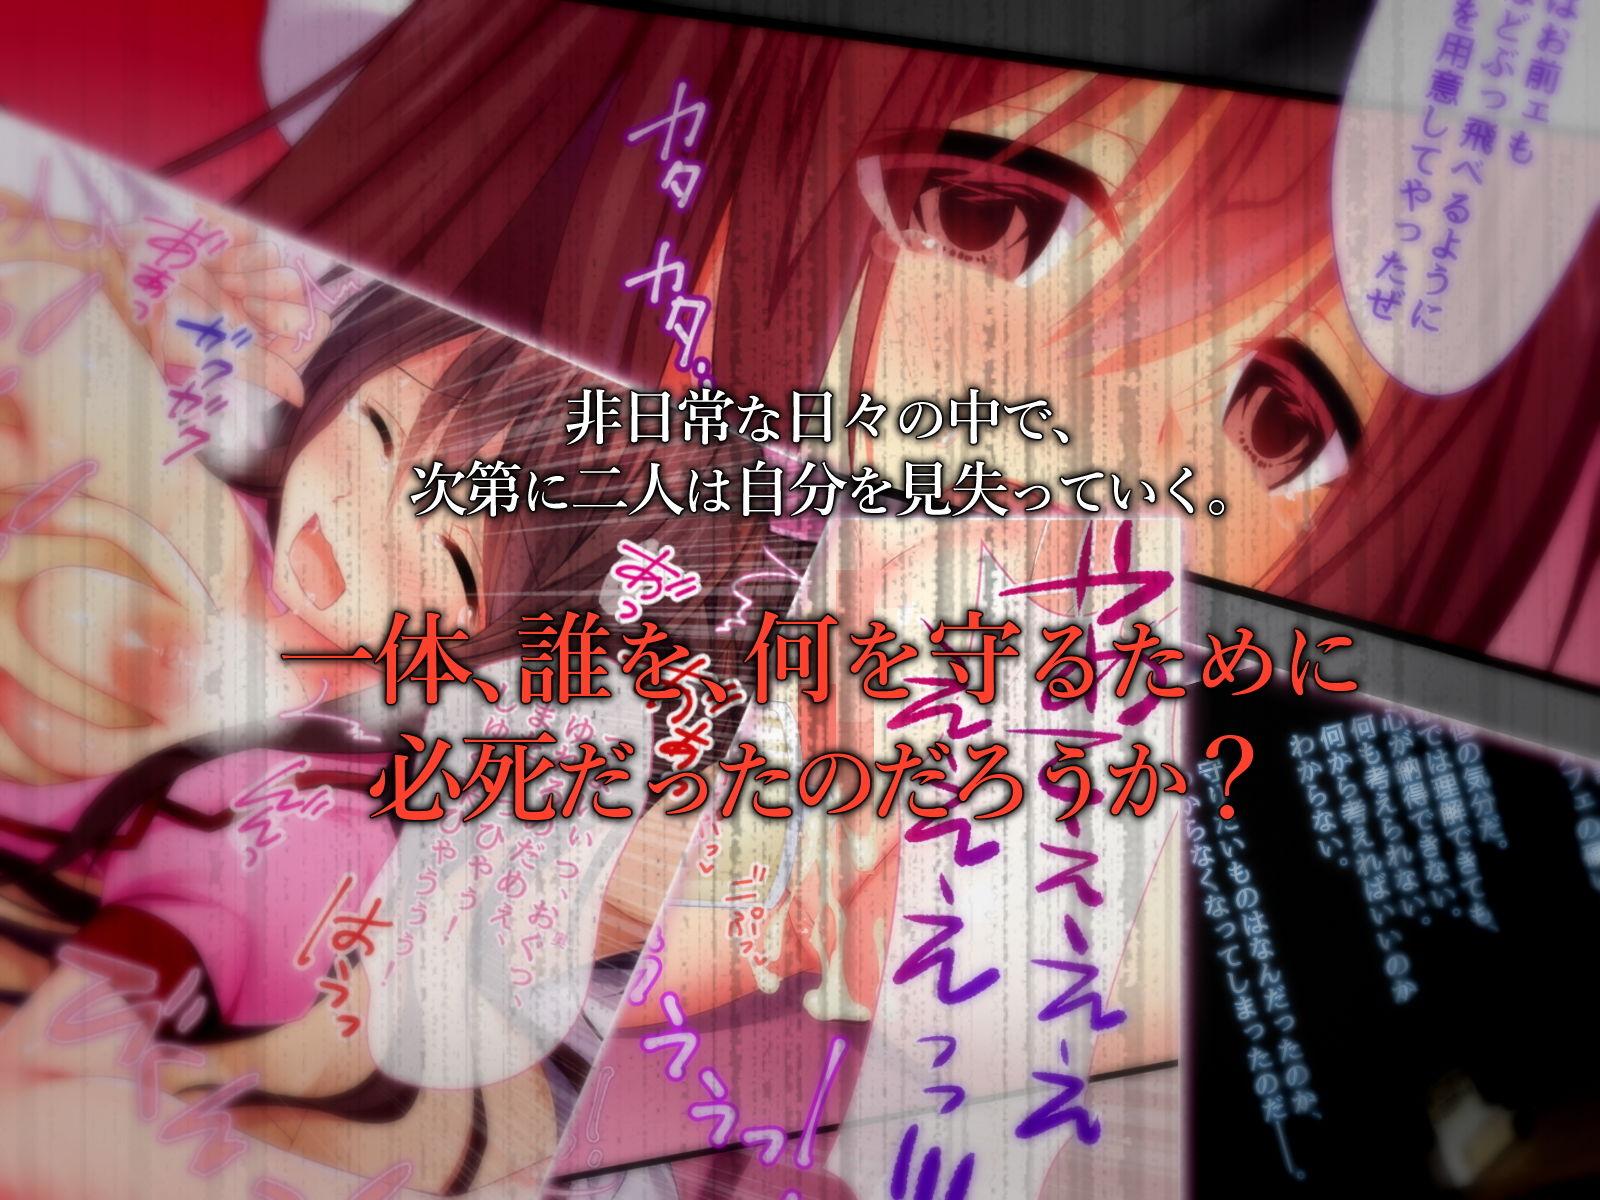 『真夏の夜の悪夢~示談の条件とは~/おばんざい☆スタジオ』 同人誌